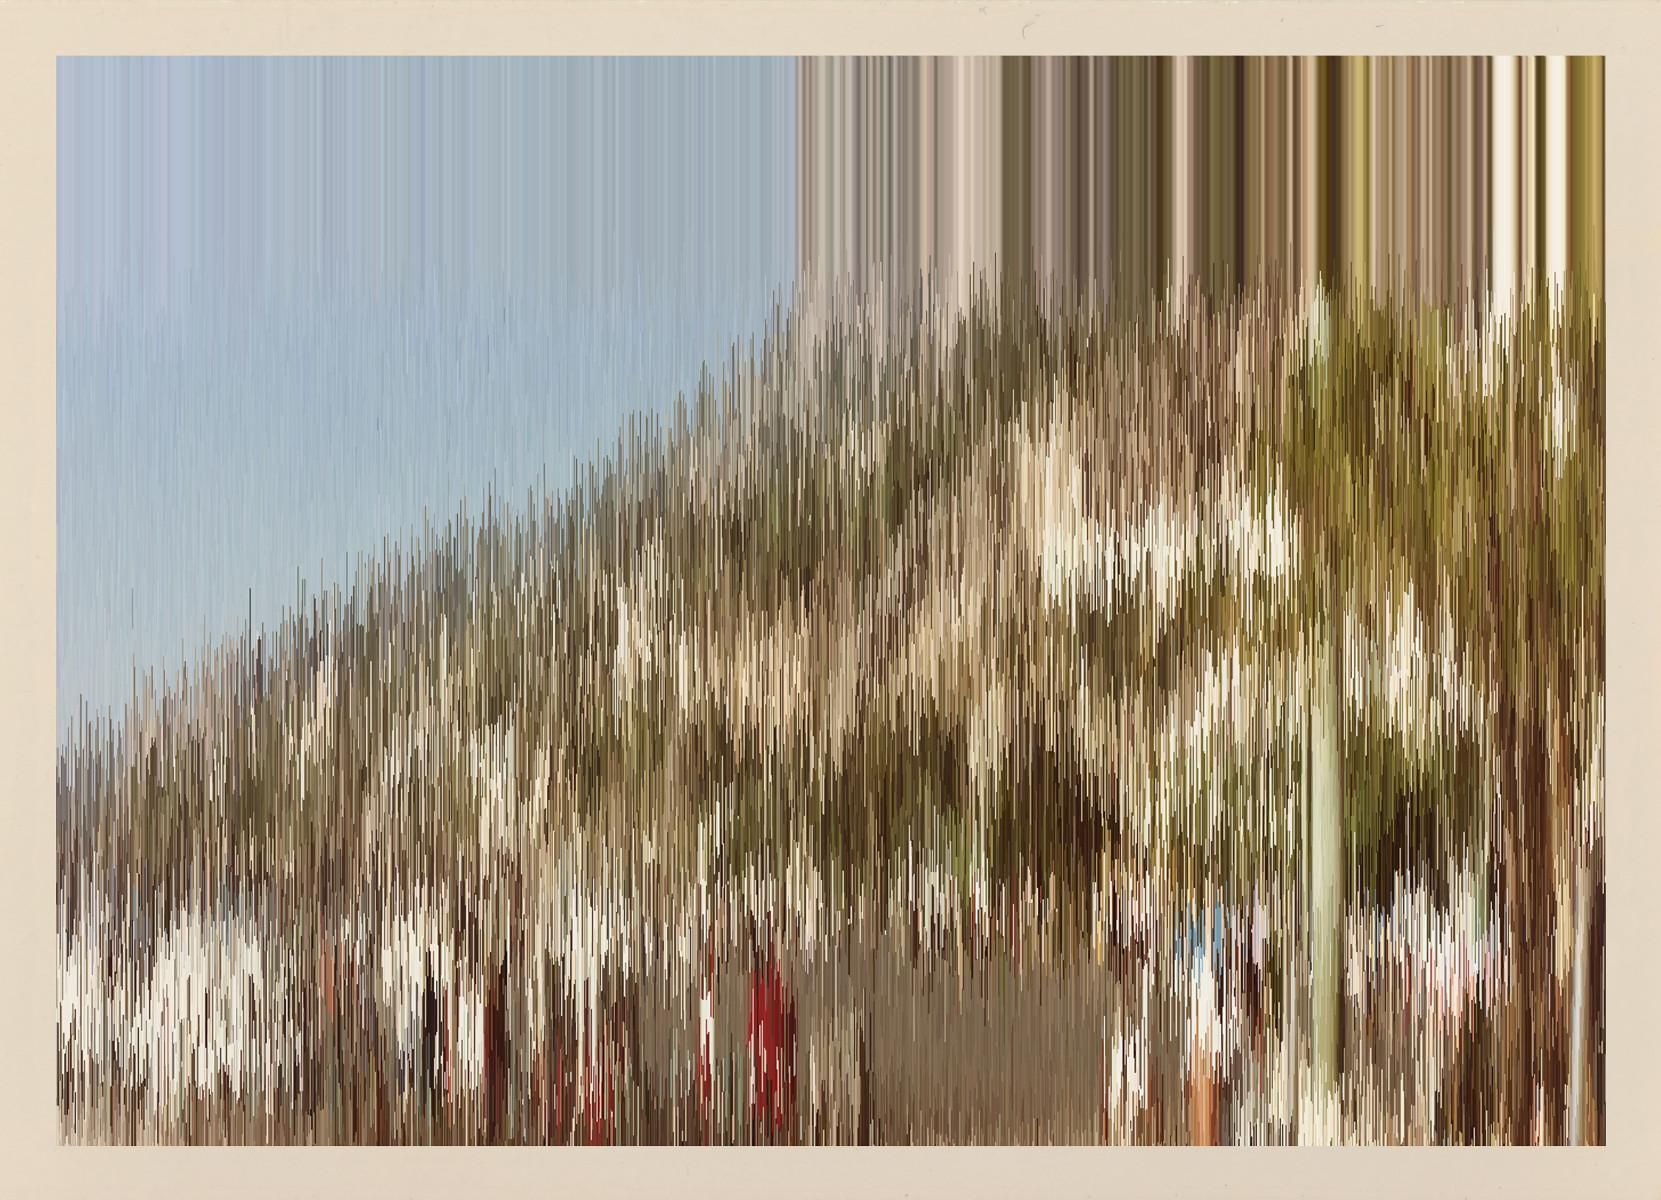 L'artiste multimédia Andrea Wolf rejoint la collection d'ArtJaws